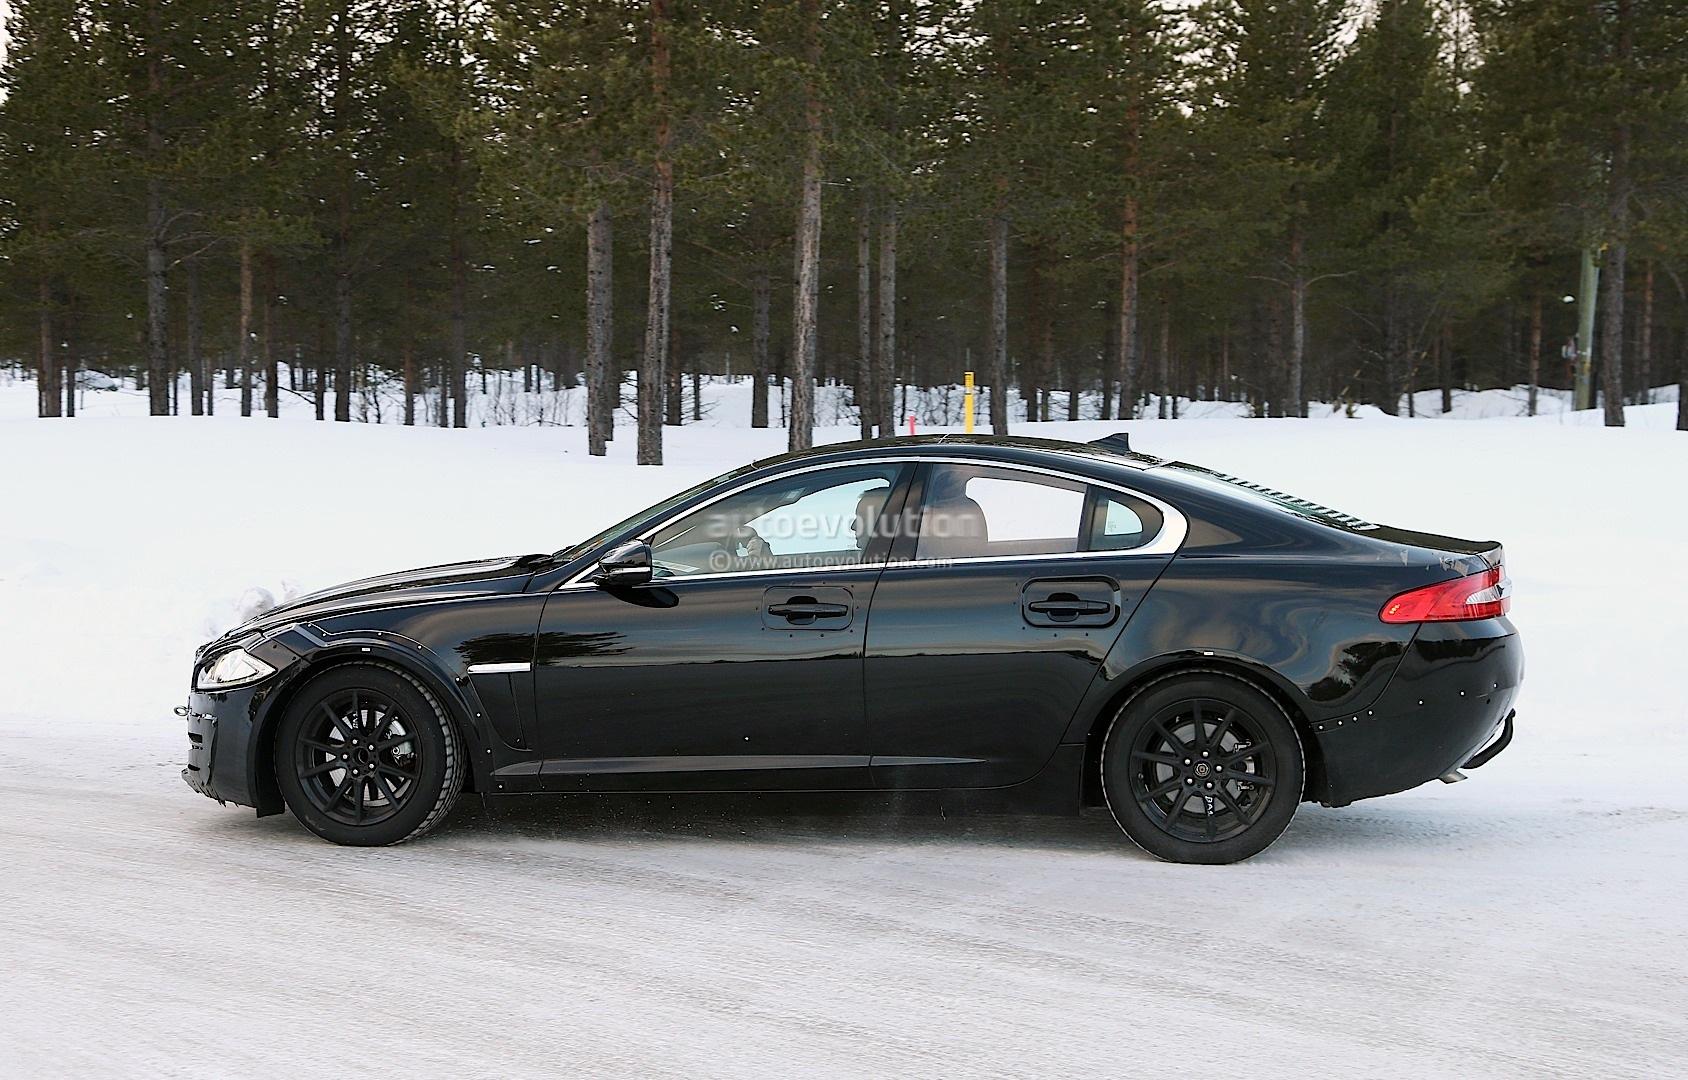 2014 - [Jaguar] XE [X760] - Page 2 Spyshots-jaguar-xs-mule-the-bmw-3-series-rival-emerges-1080p-5